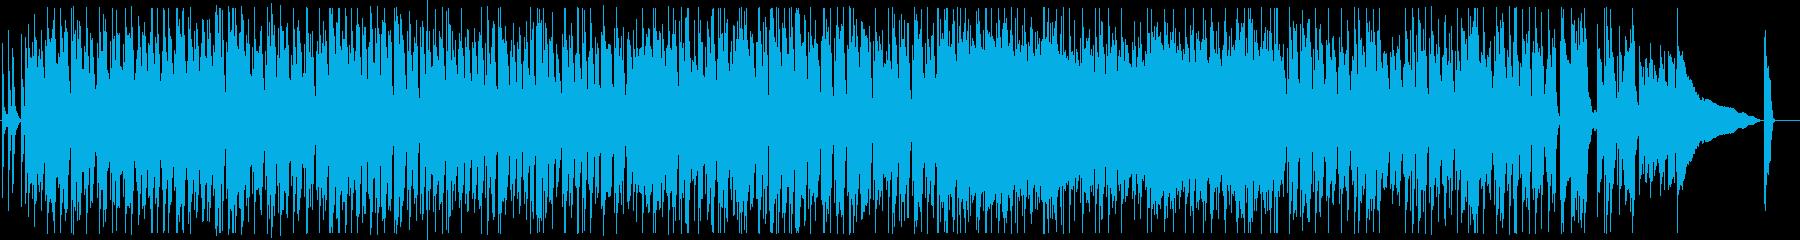 明るく楽しいアコースティックのブルースの再生済みの波形